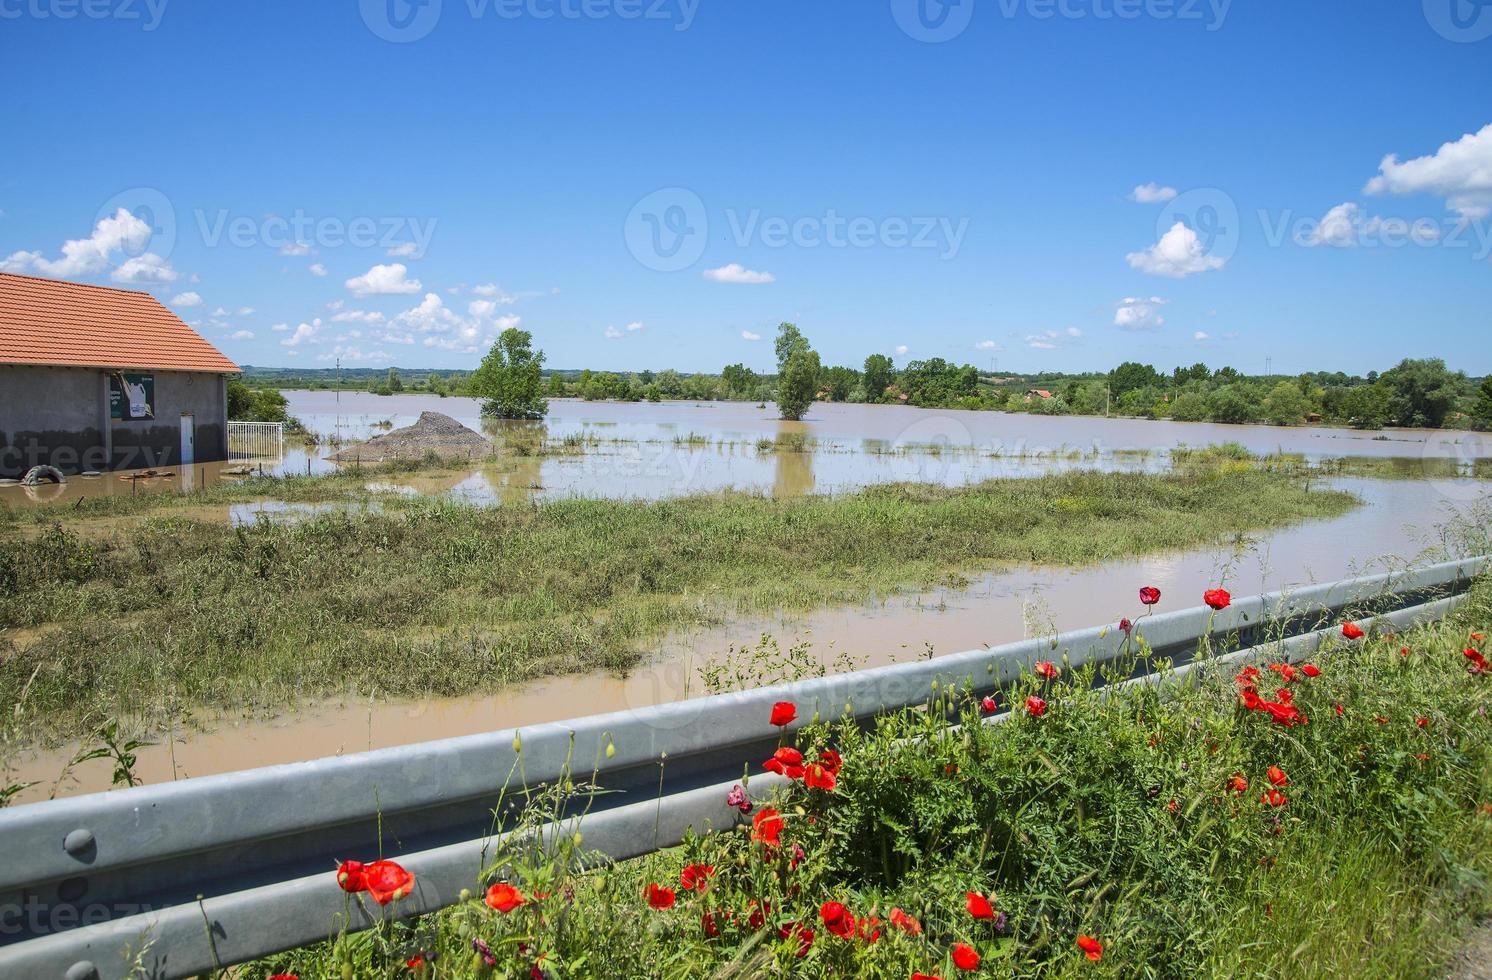 grande inondation qui comprenait des maisons, des champs et des routes photo